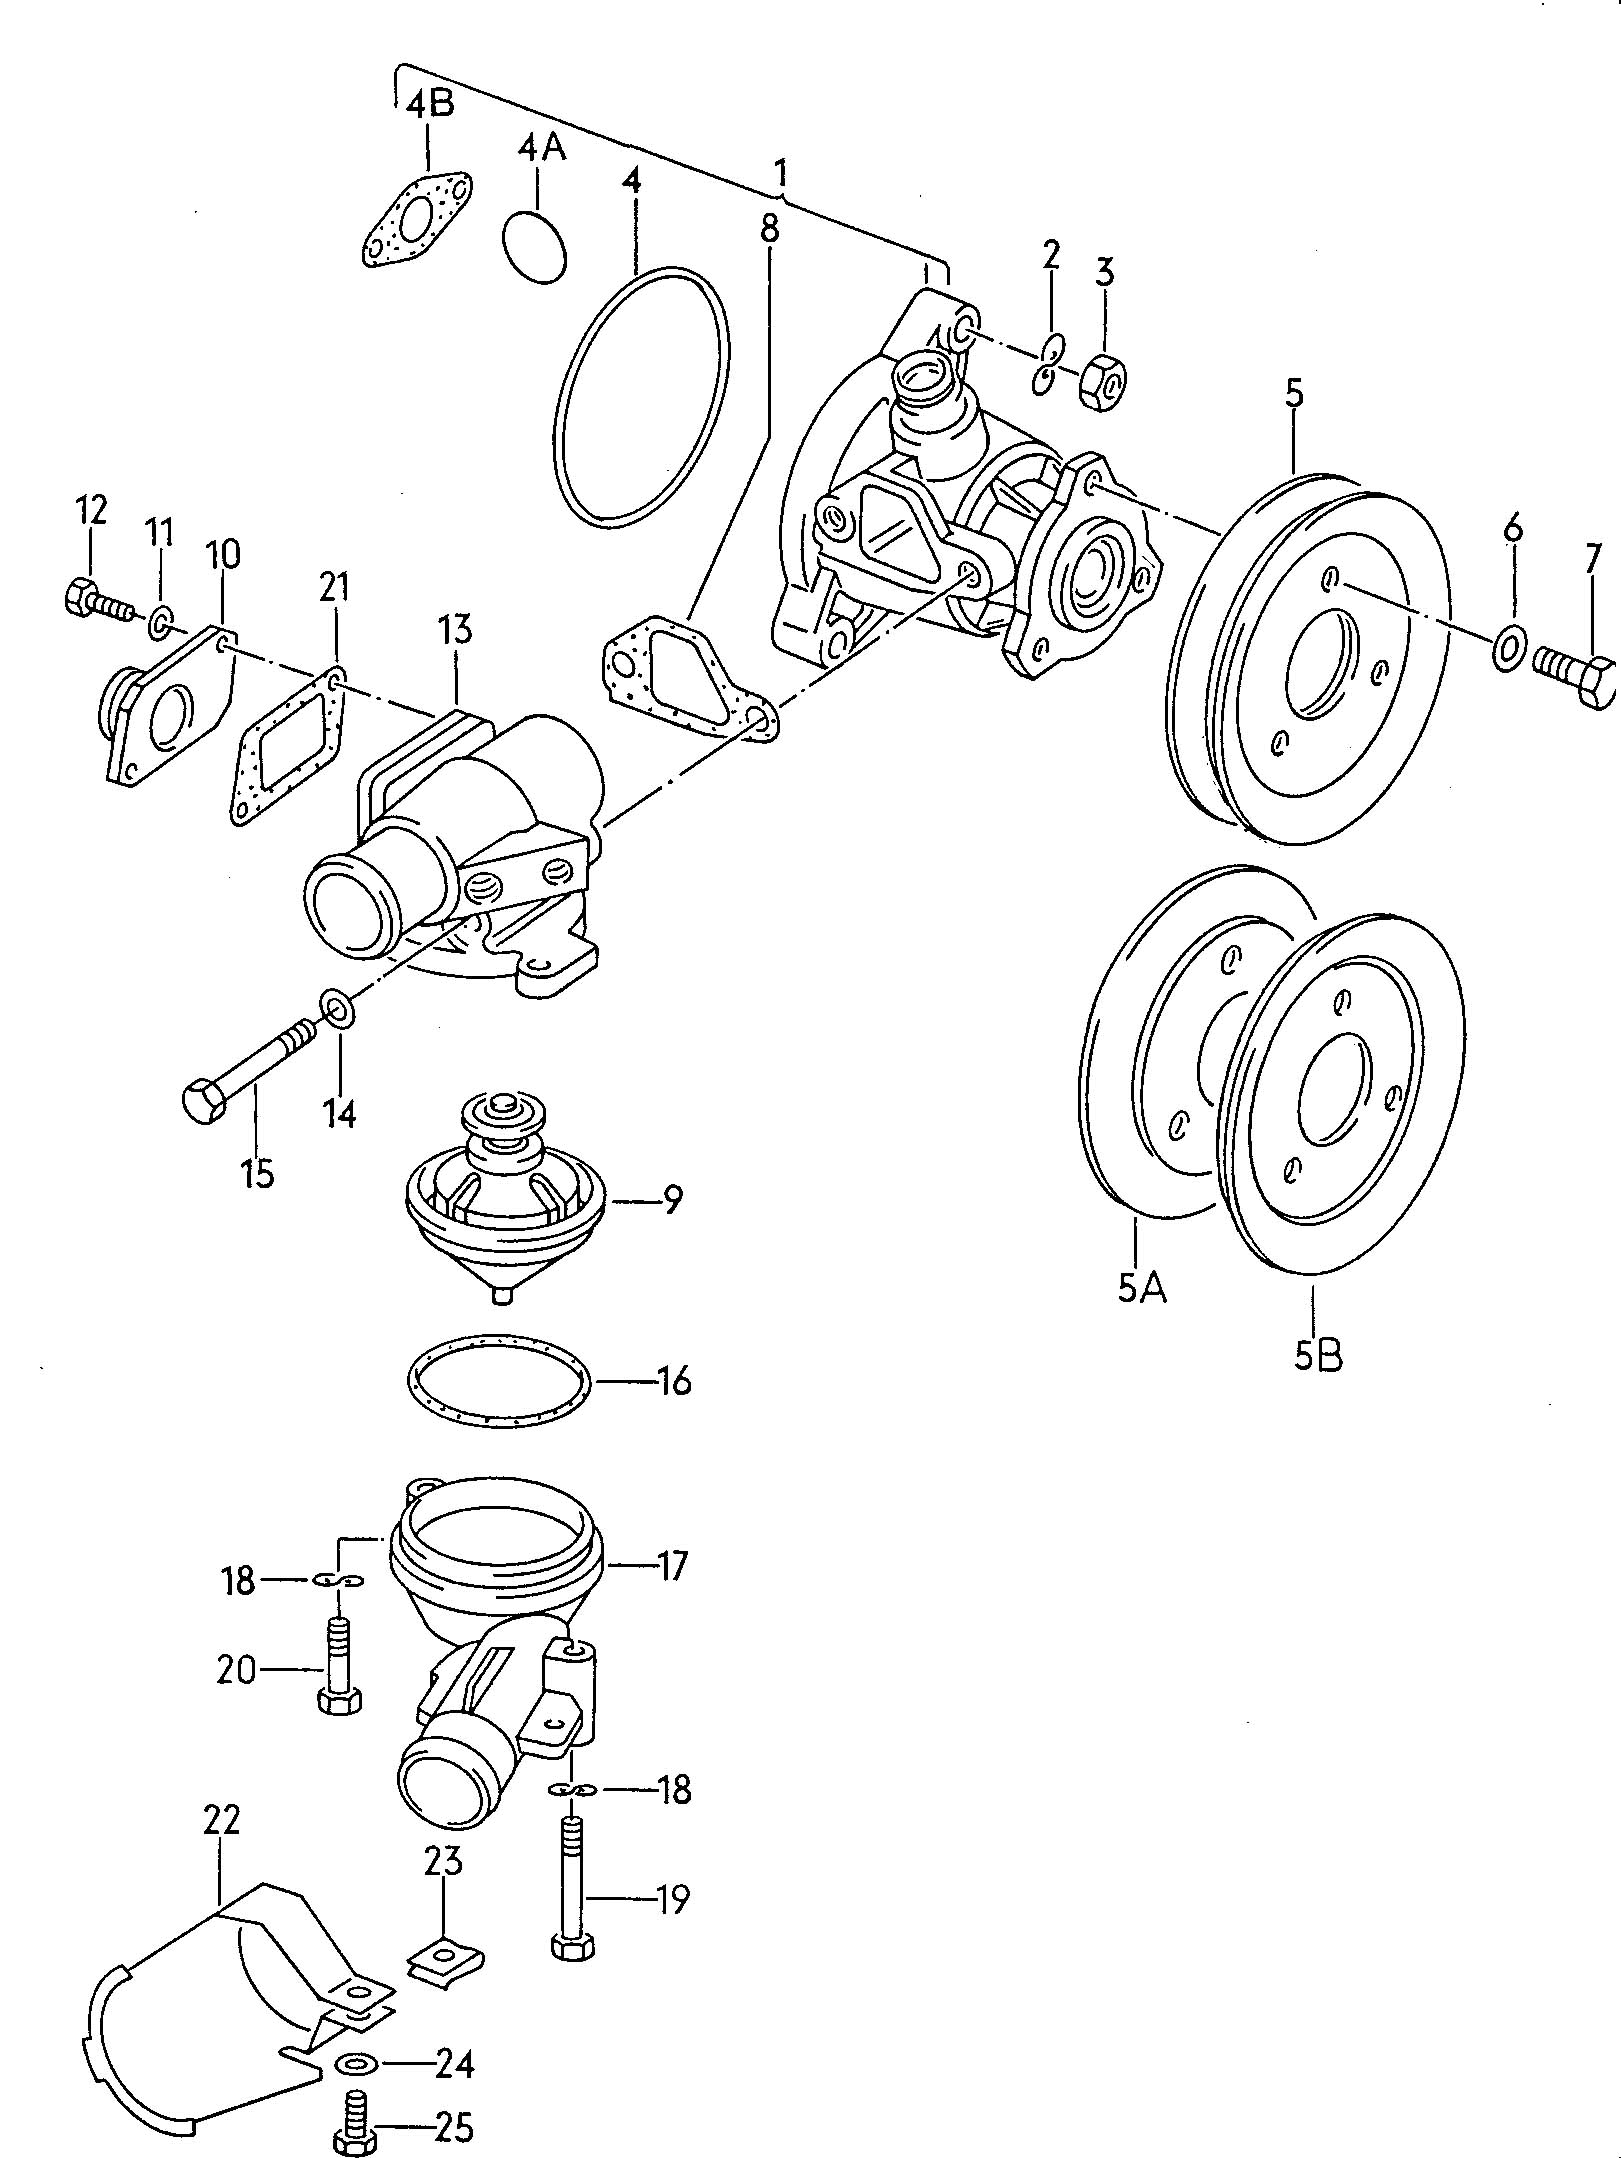 1985 Volkswagen Vanagon Water pump thermostat housing 1.9ltr.